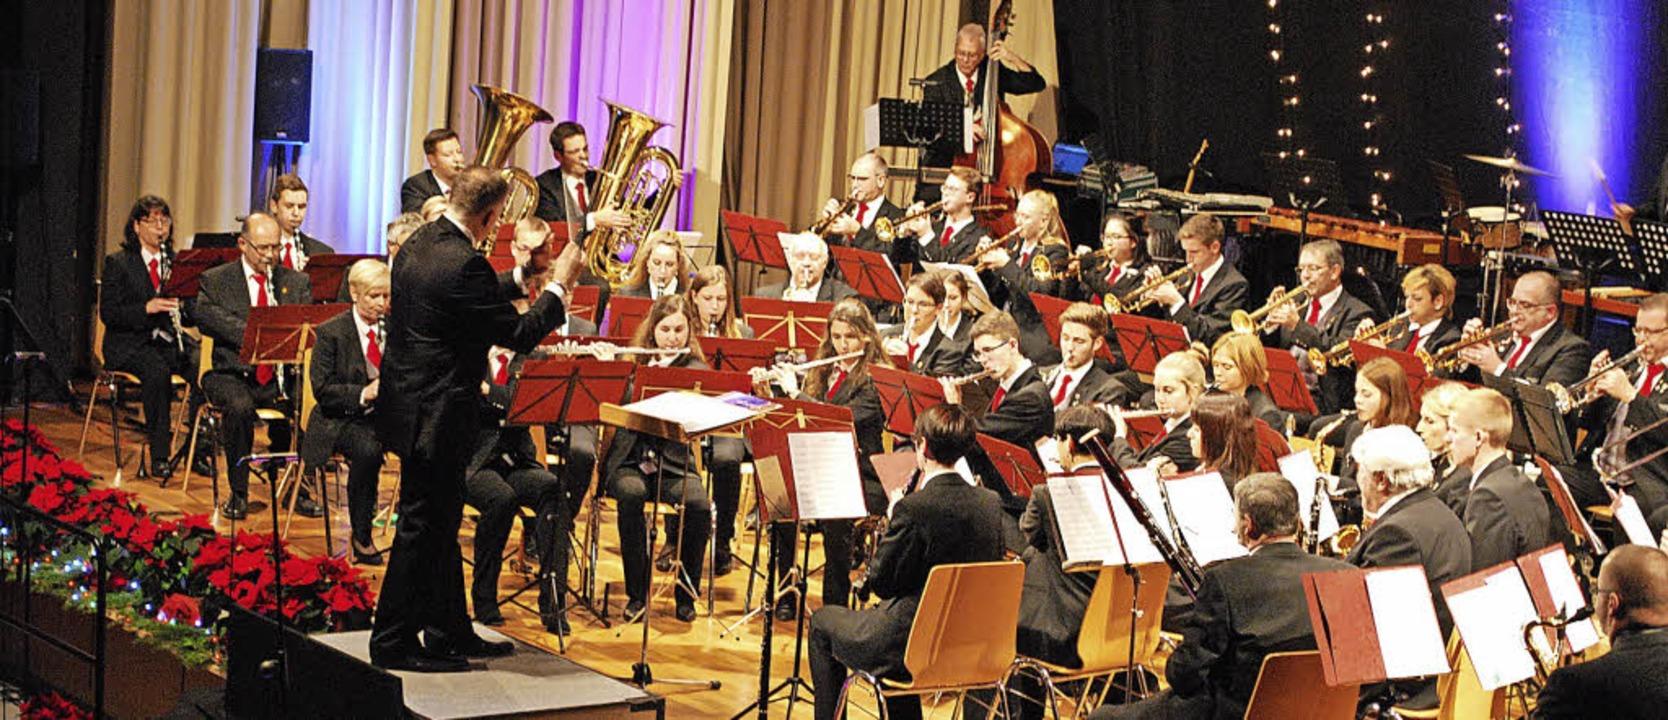 Bühnenfüllend: Das Orchester der Stadtmusik unter Leitung von Stephan Rinklin  | Foto: Sylvia-Karina Jahn